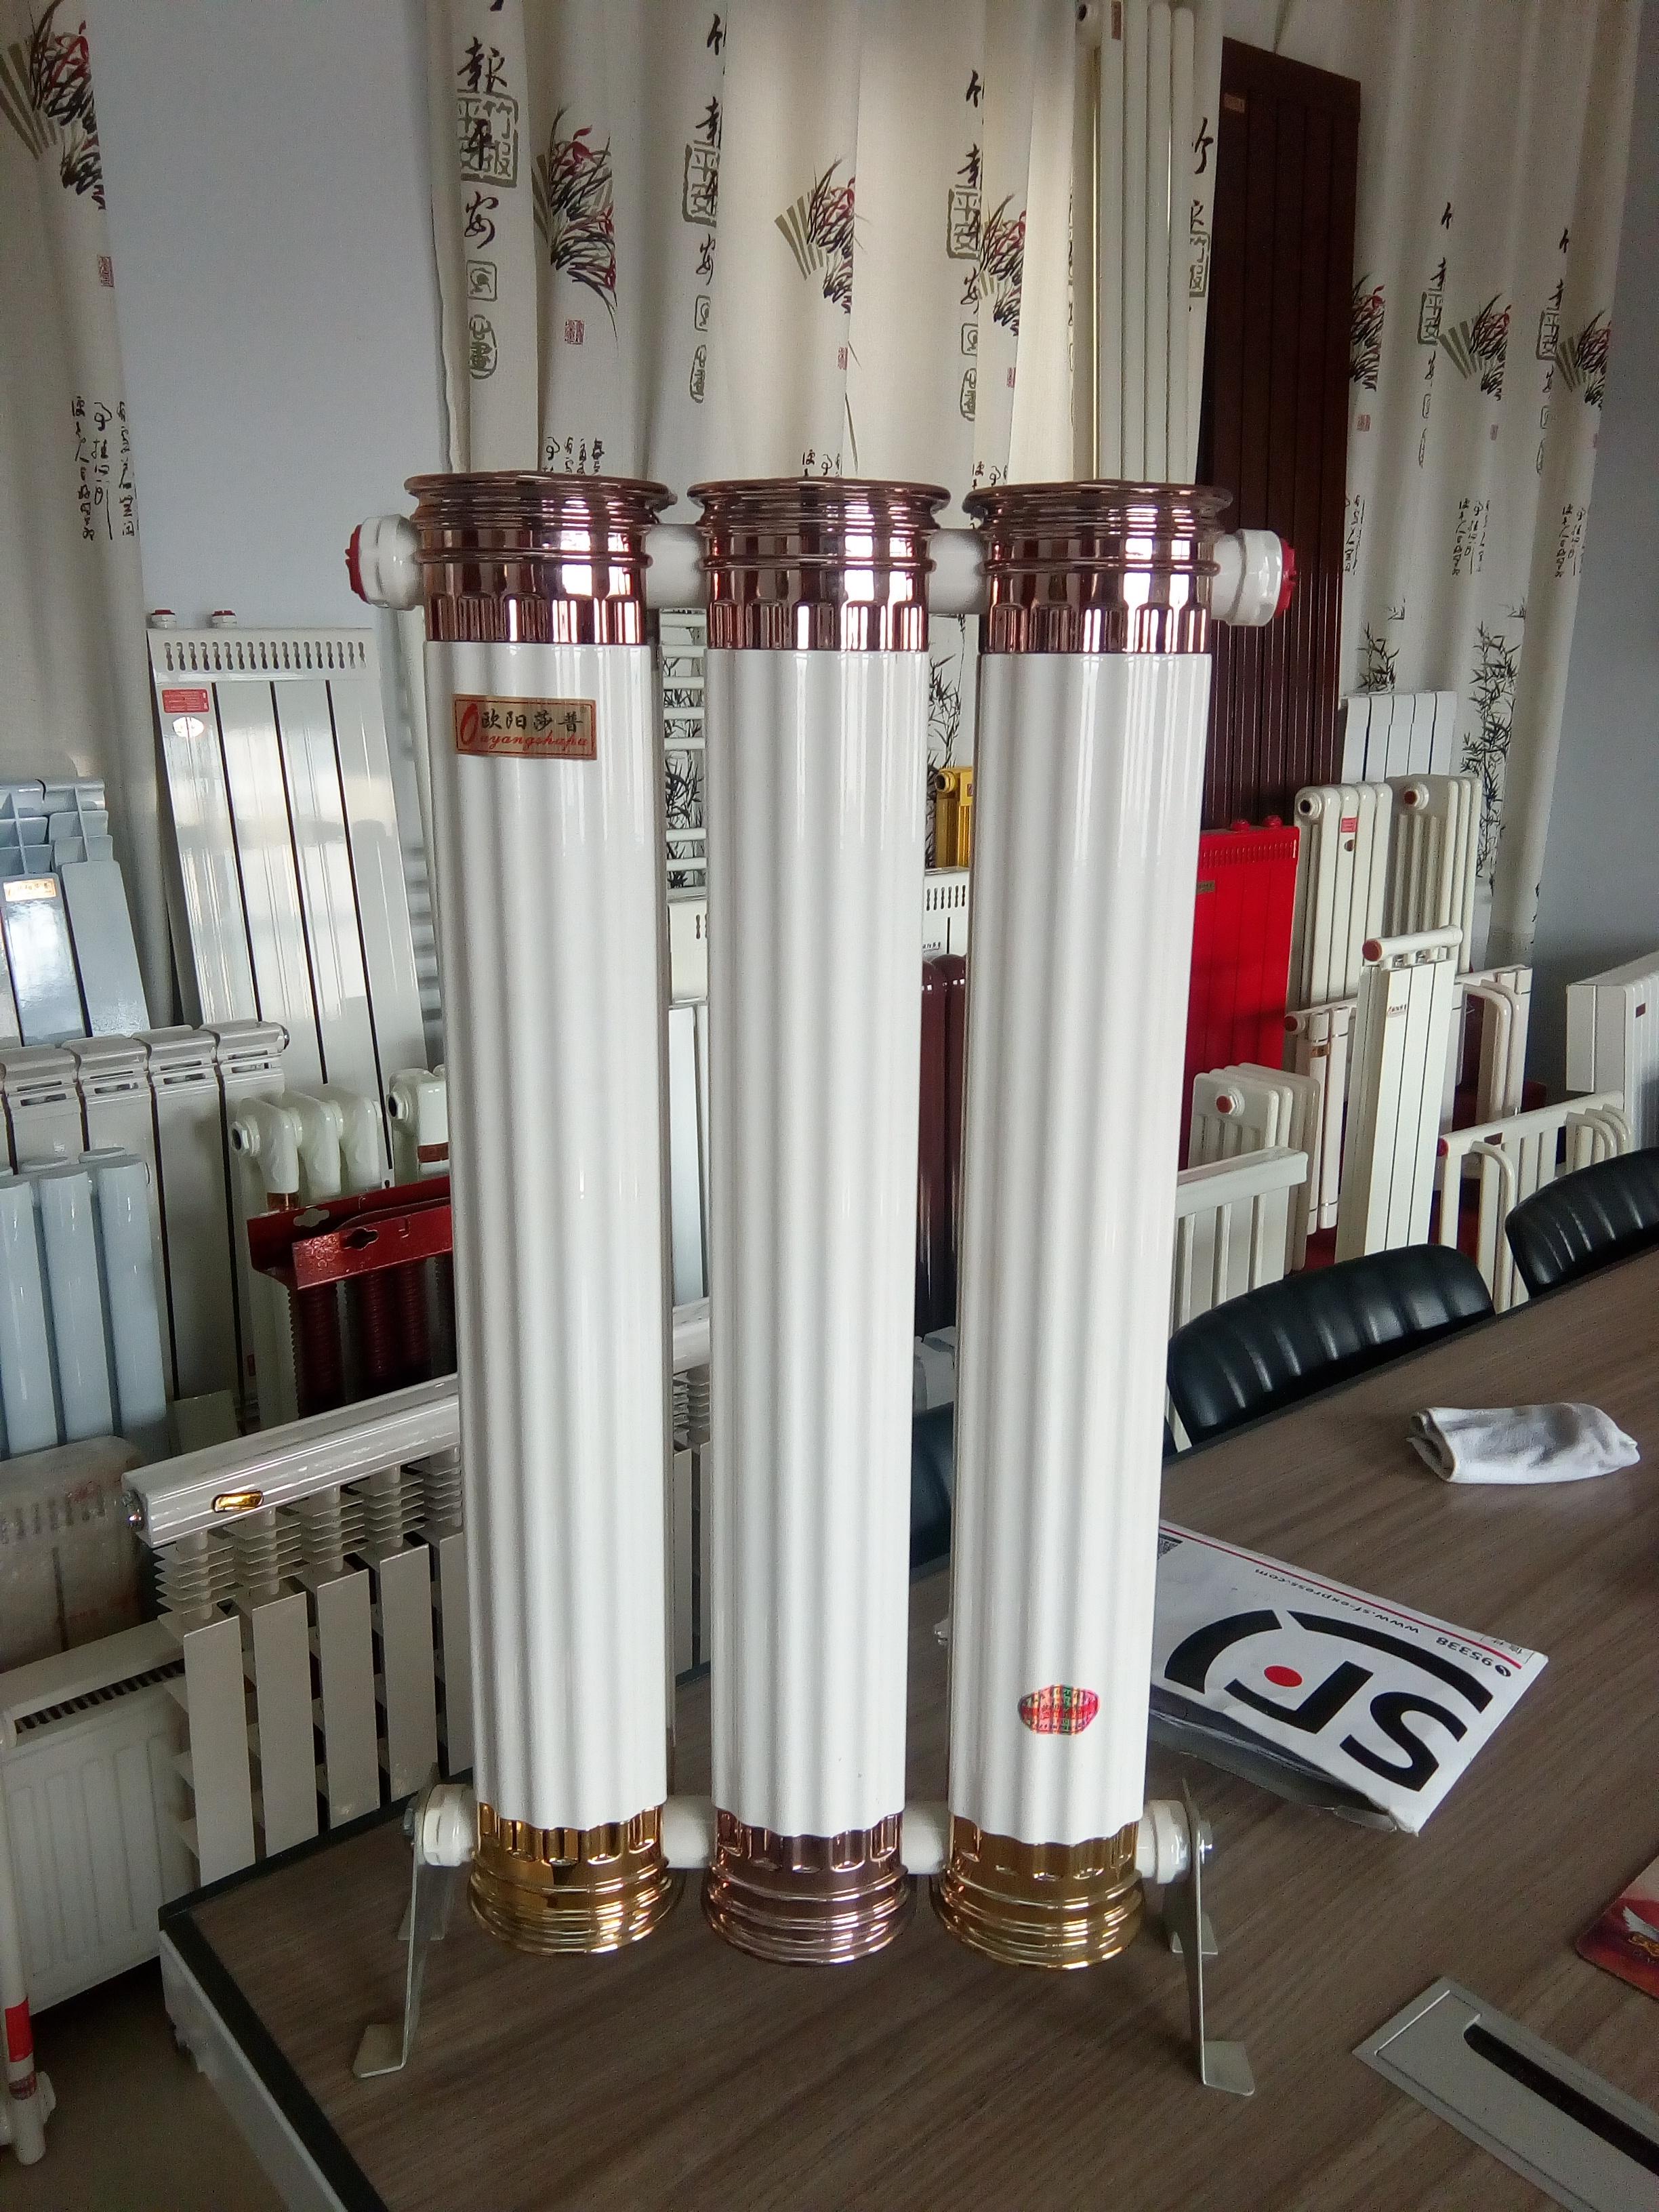 波斯特散热器 波斯特天津散热器 波斯特天津散热器销售中心